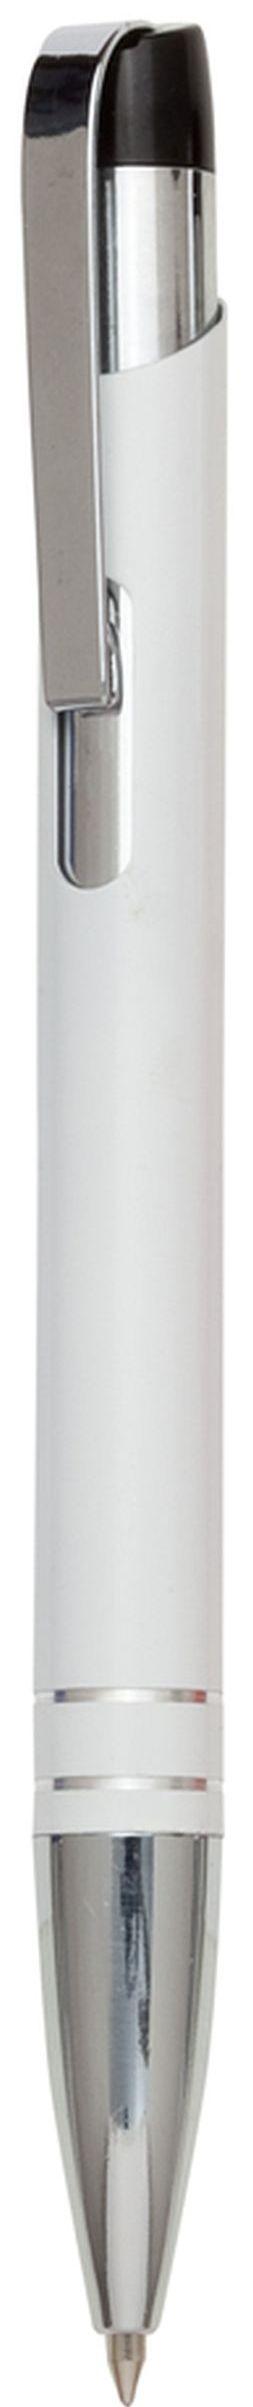 Fokus bílé kuličkové pero